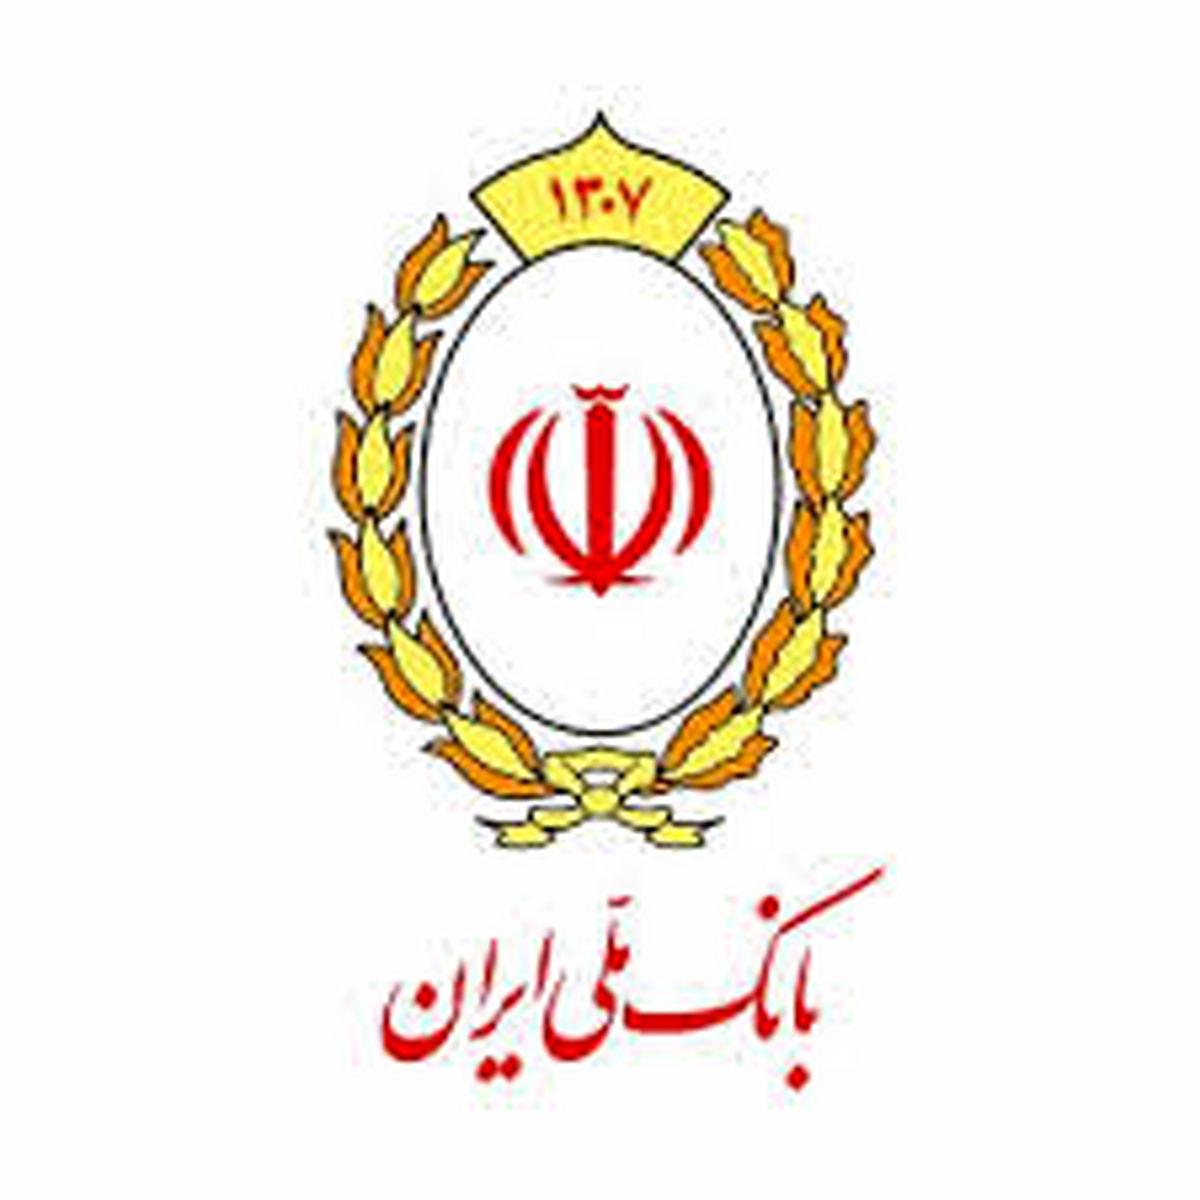 نقش آفرینی بانک ملی ایران در اقتصاد مقاومتی و بازار کارآفرینی کشور